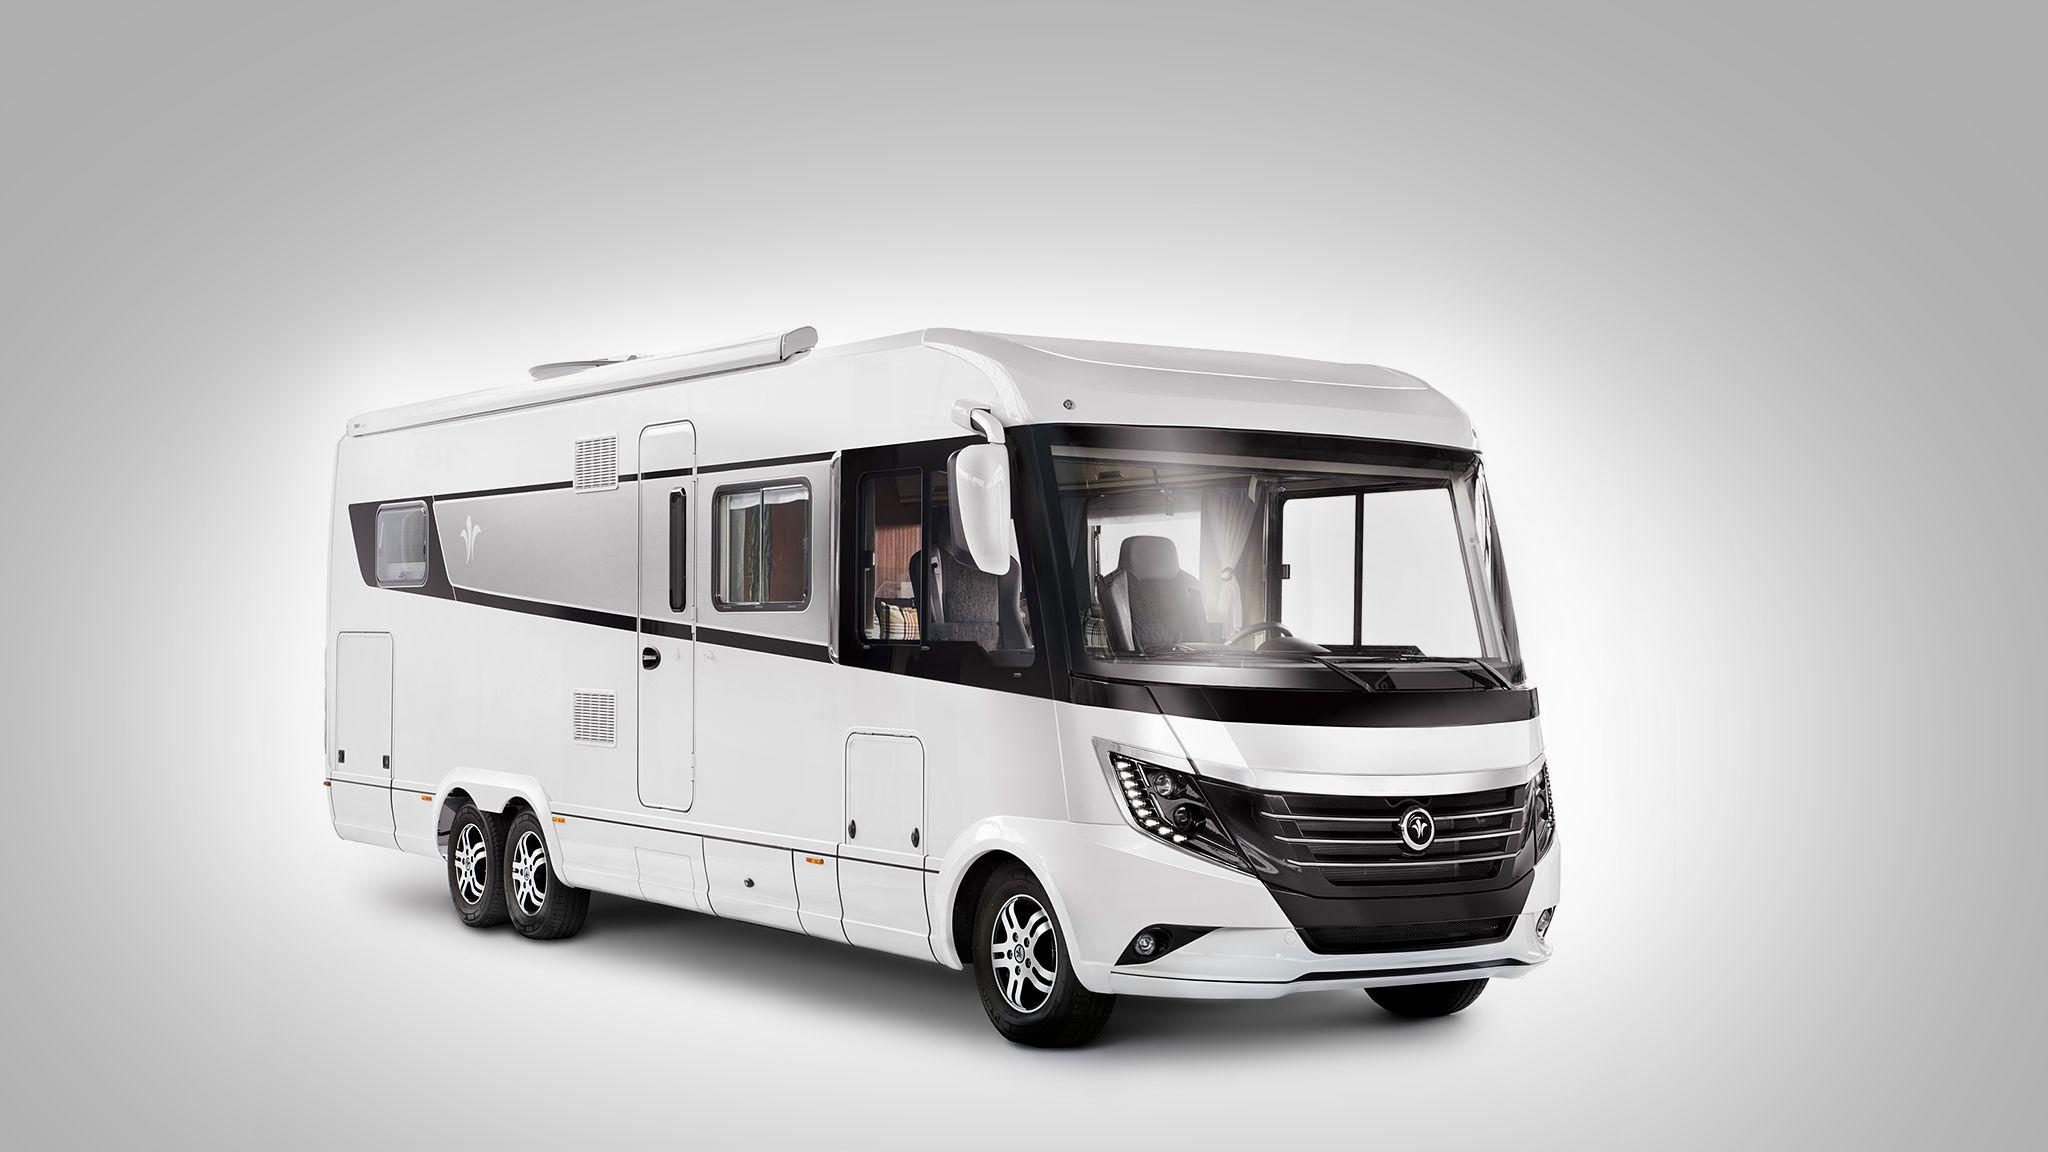 swissplast stellt Kunststoffkomponenten für Wohnwagen und Caravane her